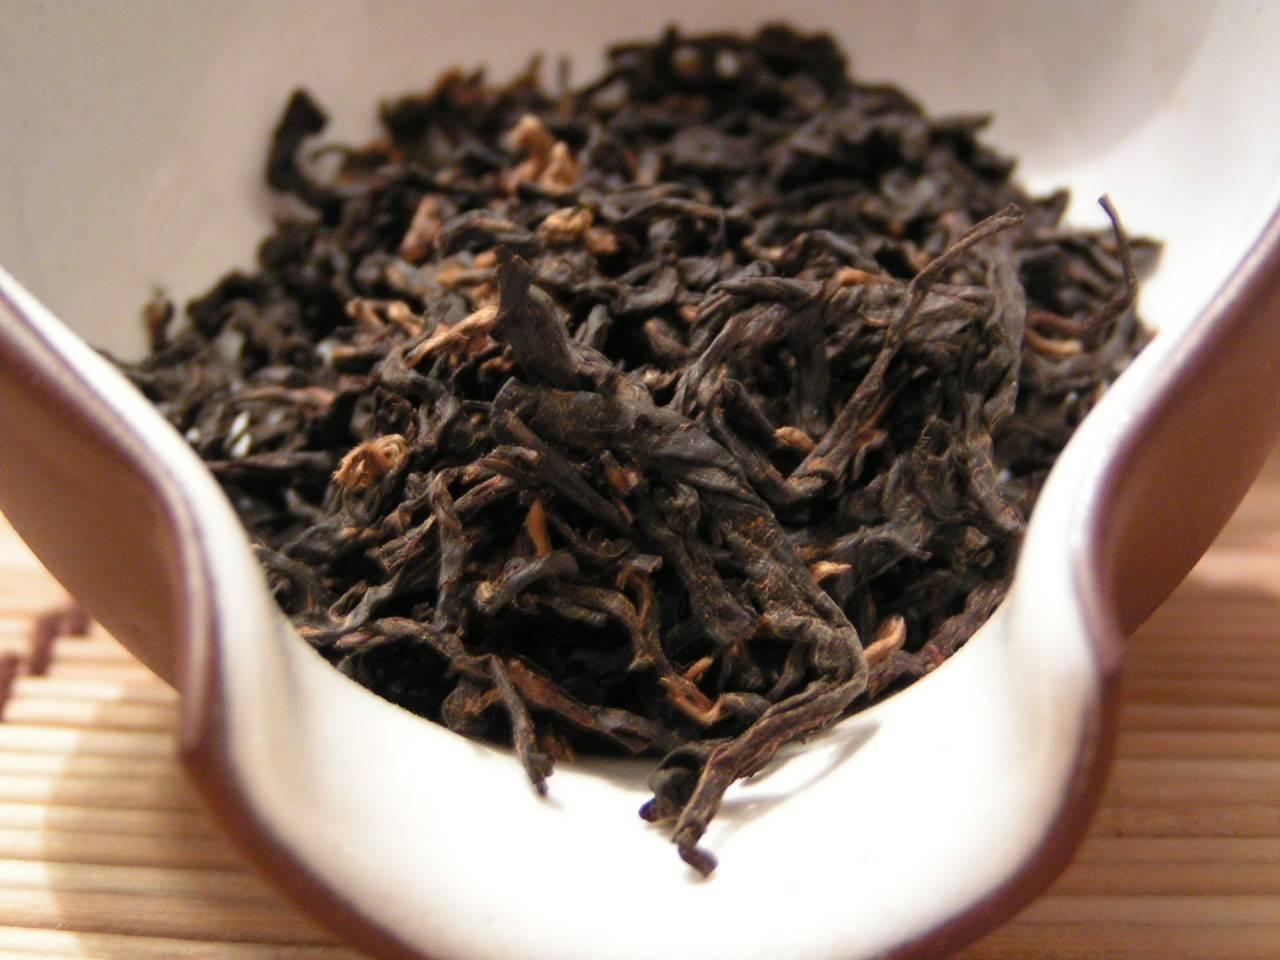 Белый чай: польза и вред. как заваривать белый чай белый чай: польза и вред, виды, правила хранения, заваривания и питья